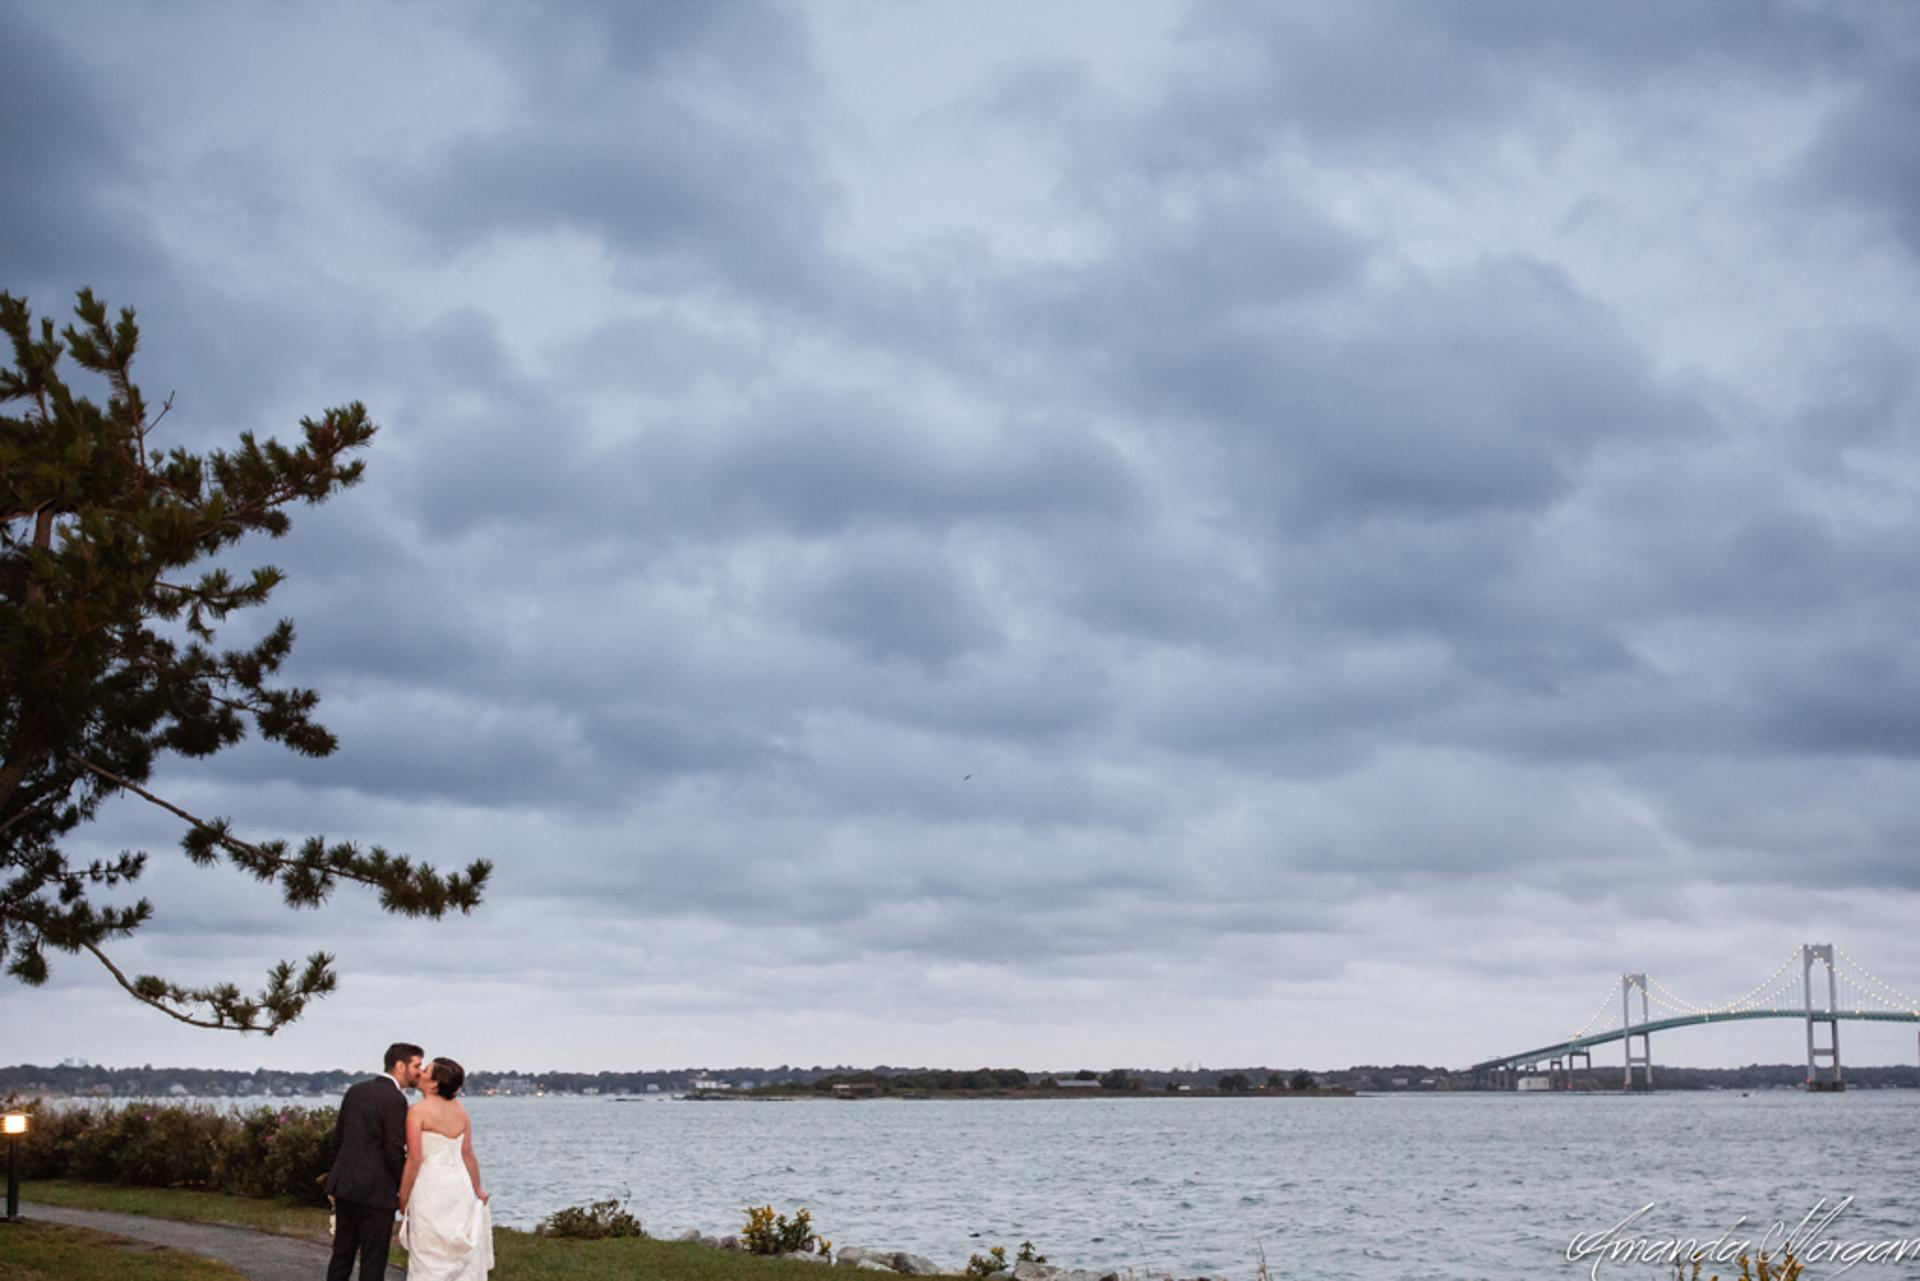 hyatt-regency-newport-wedding-58.jpg